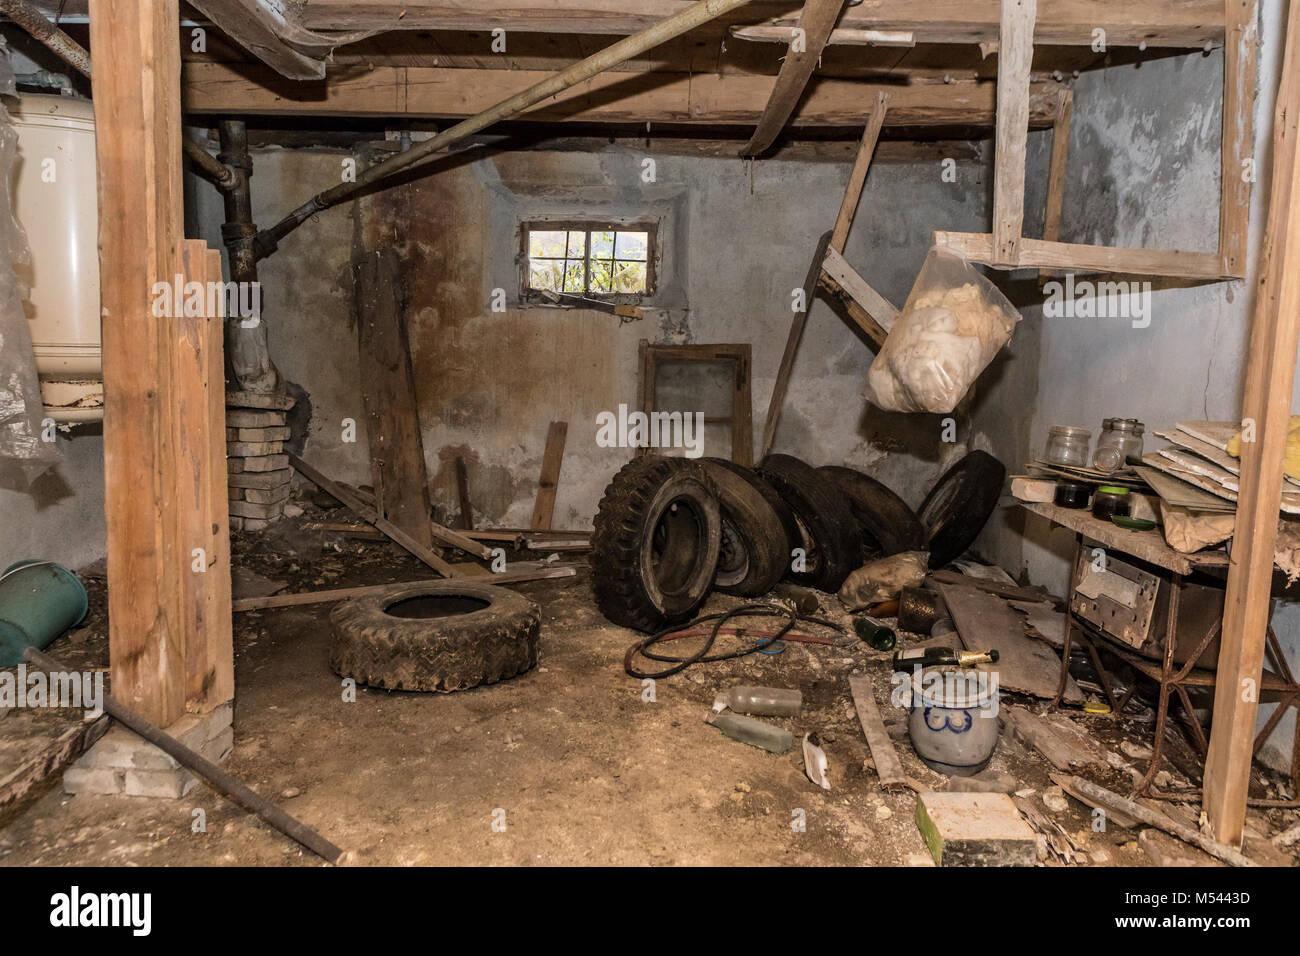 Zimmer in einem verlassenen Haus - verlorene Ort Stockbild